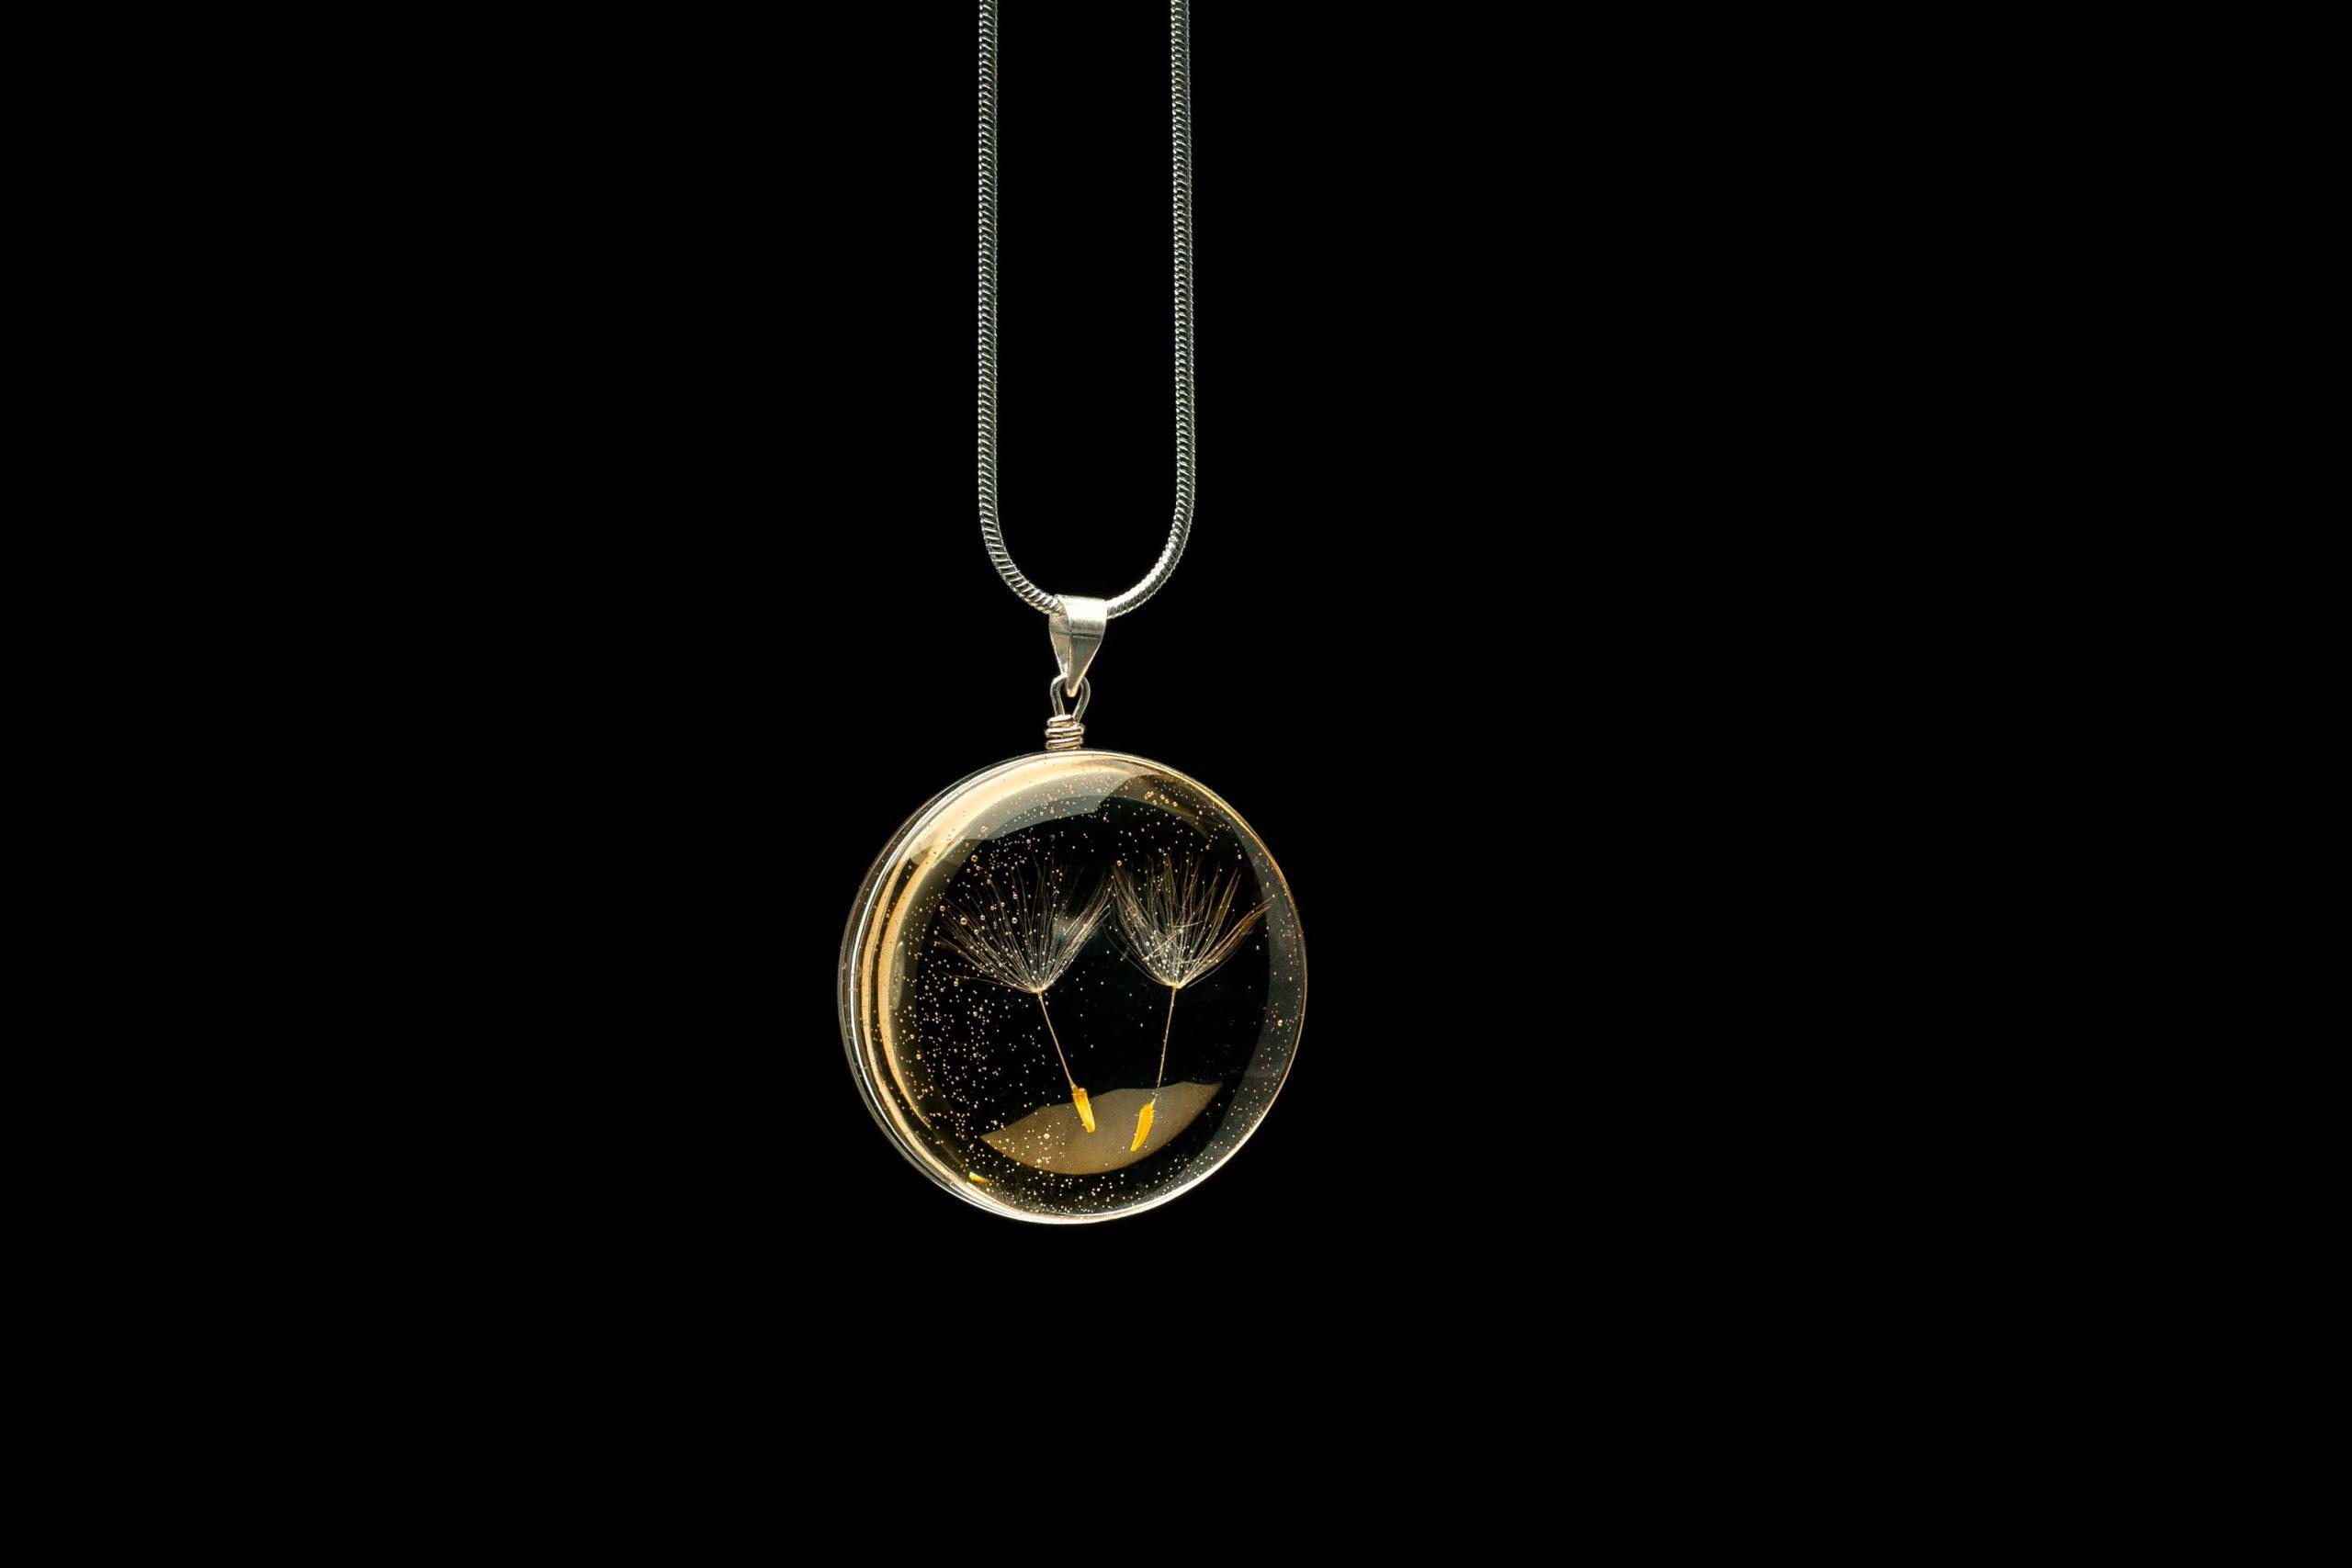 laura daili jewelry